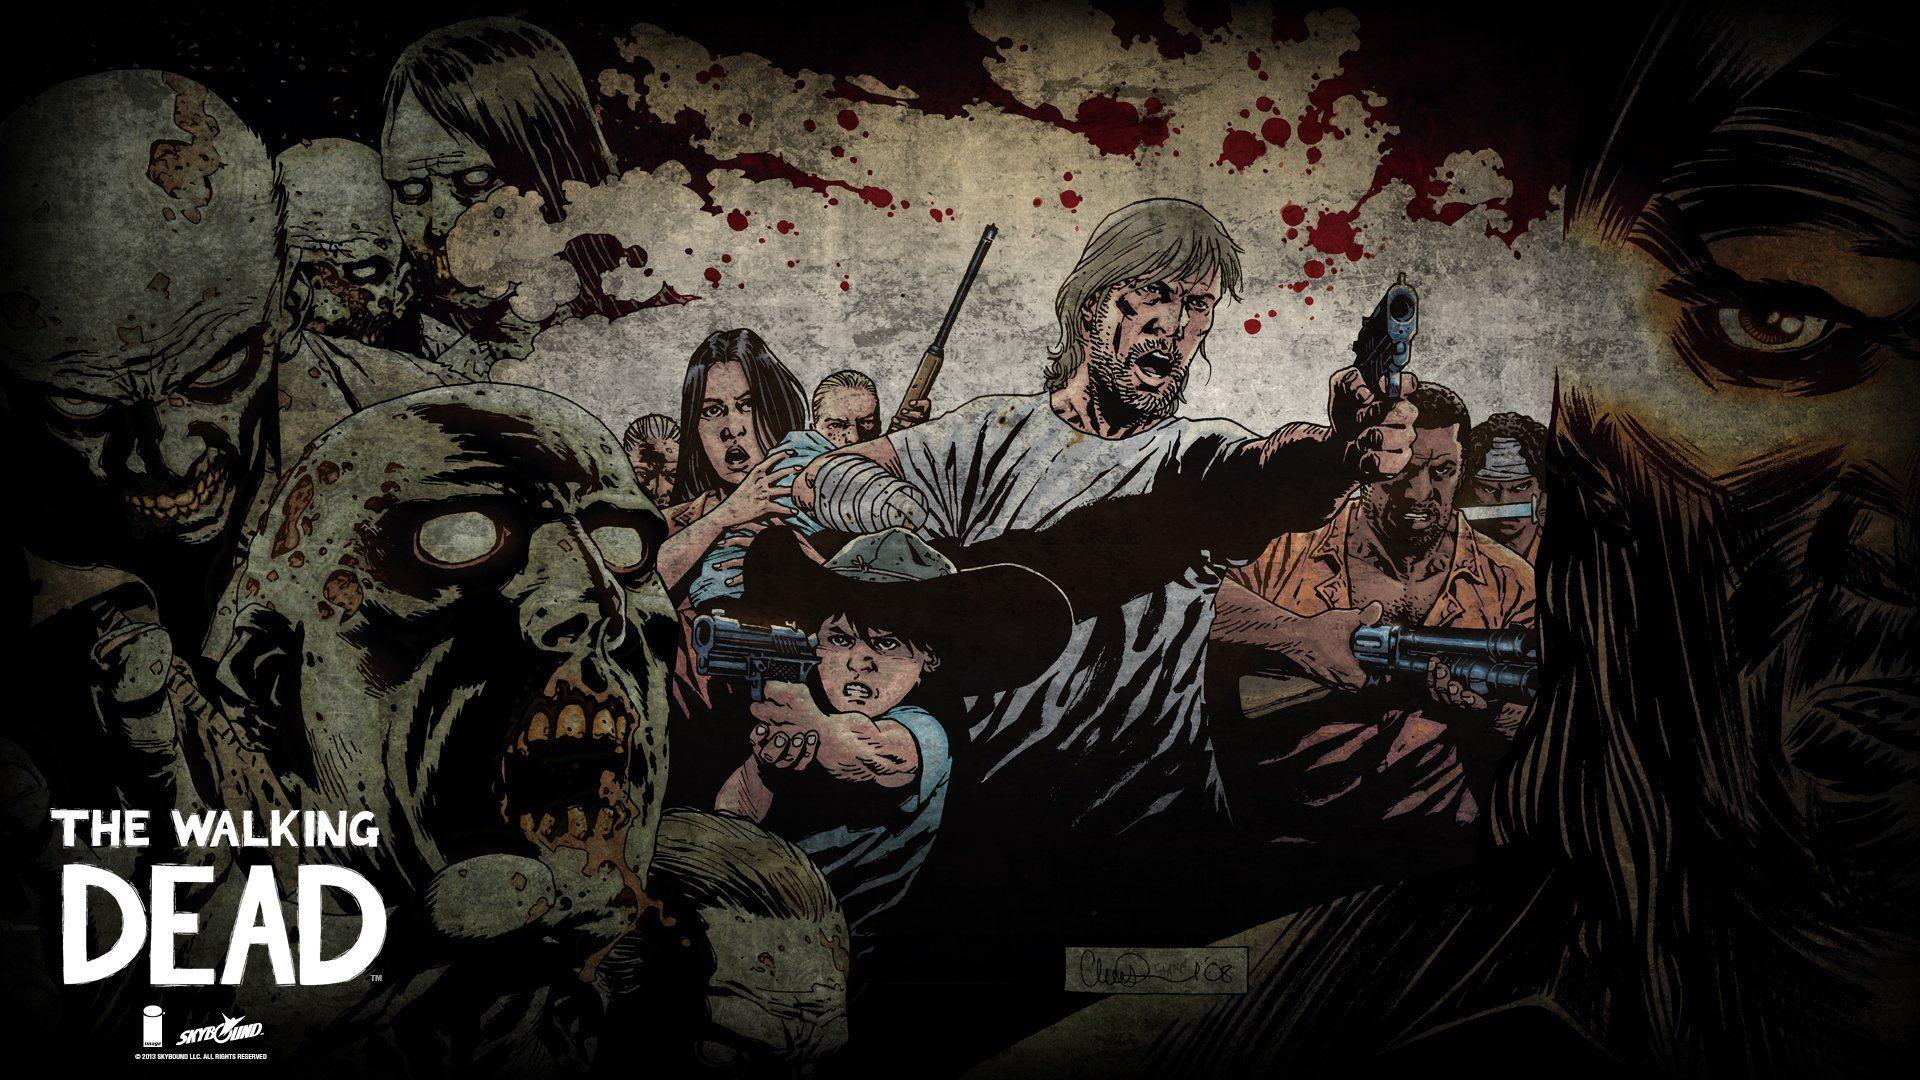 The Walking Dead Wallpaper 1920x1080 Walking Dead Wallpaper